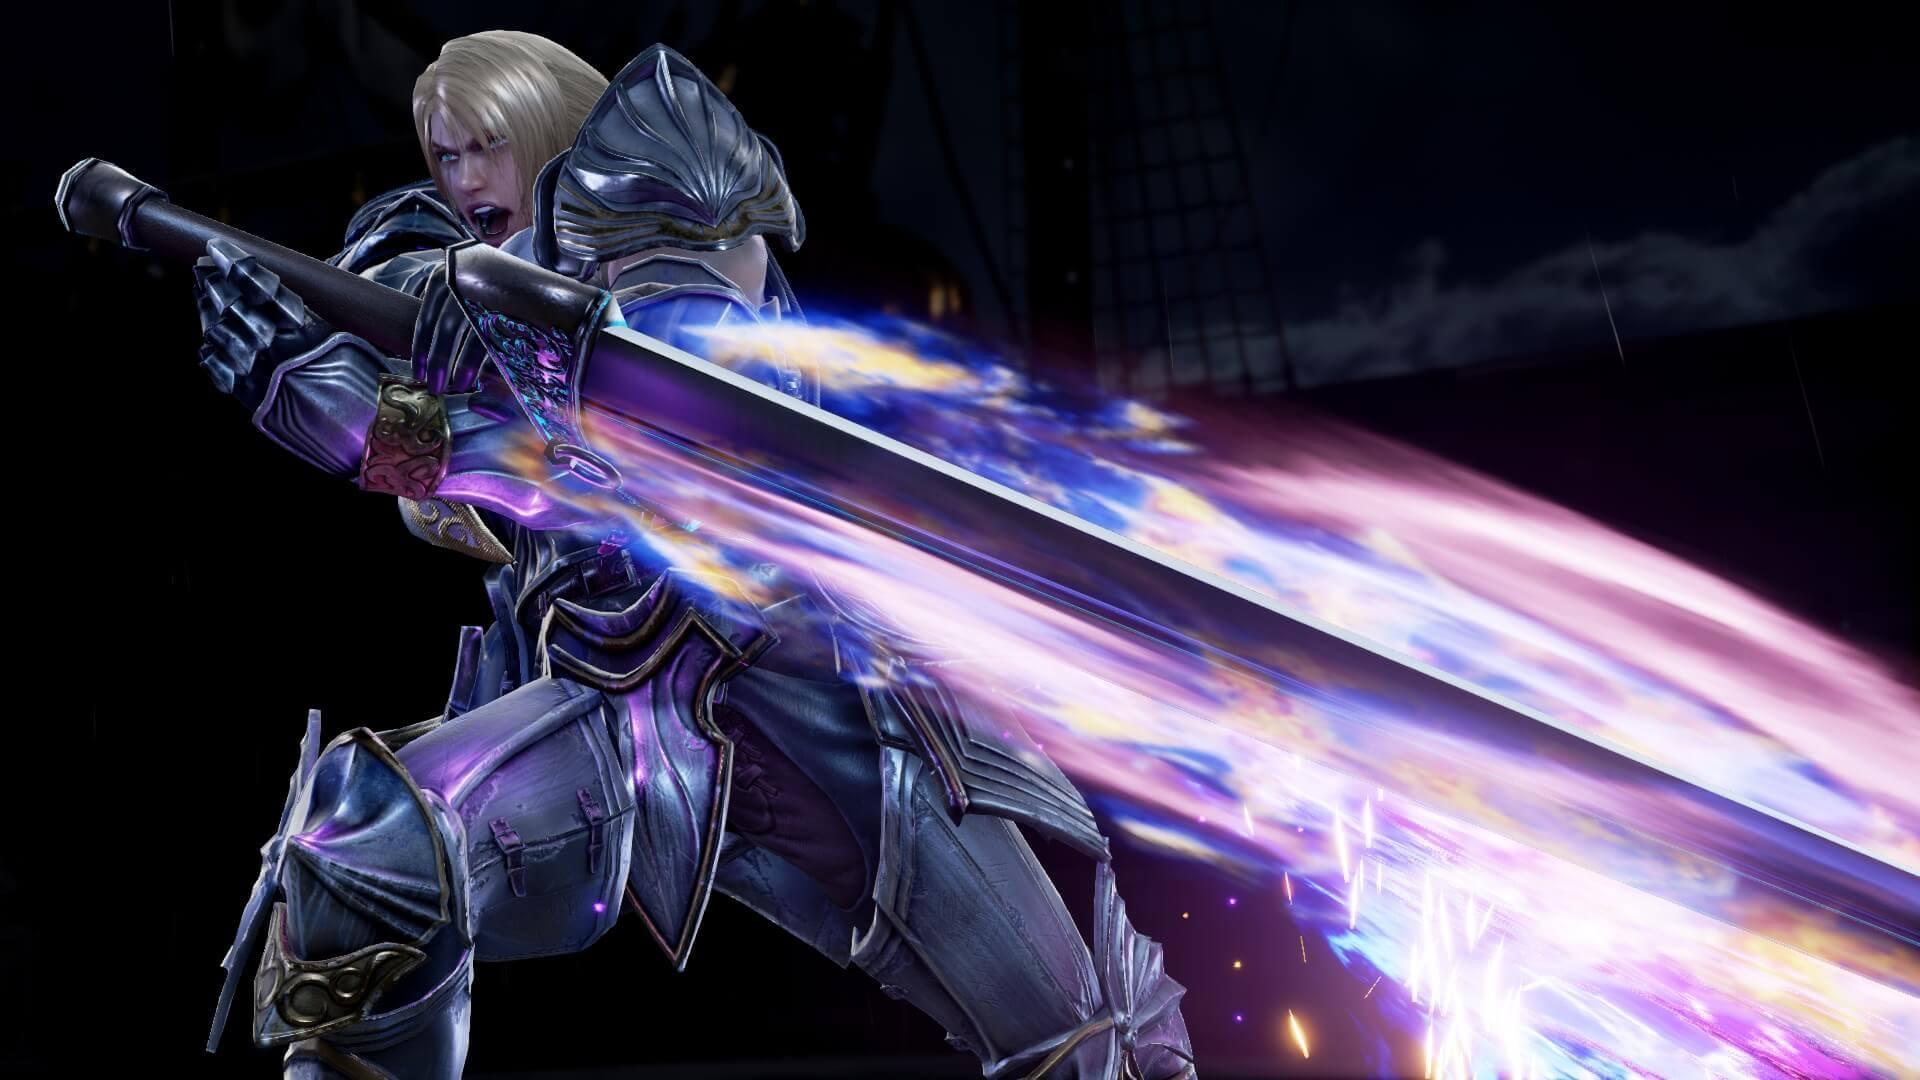 Soulcalibur VI Siegfred Screen 14